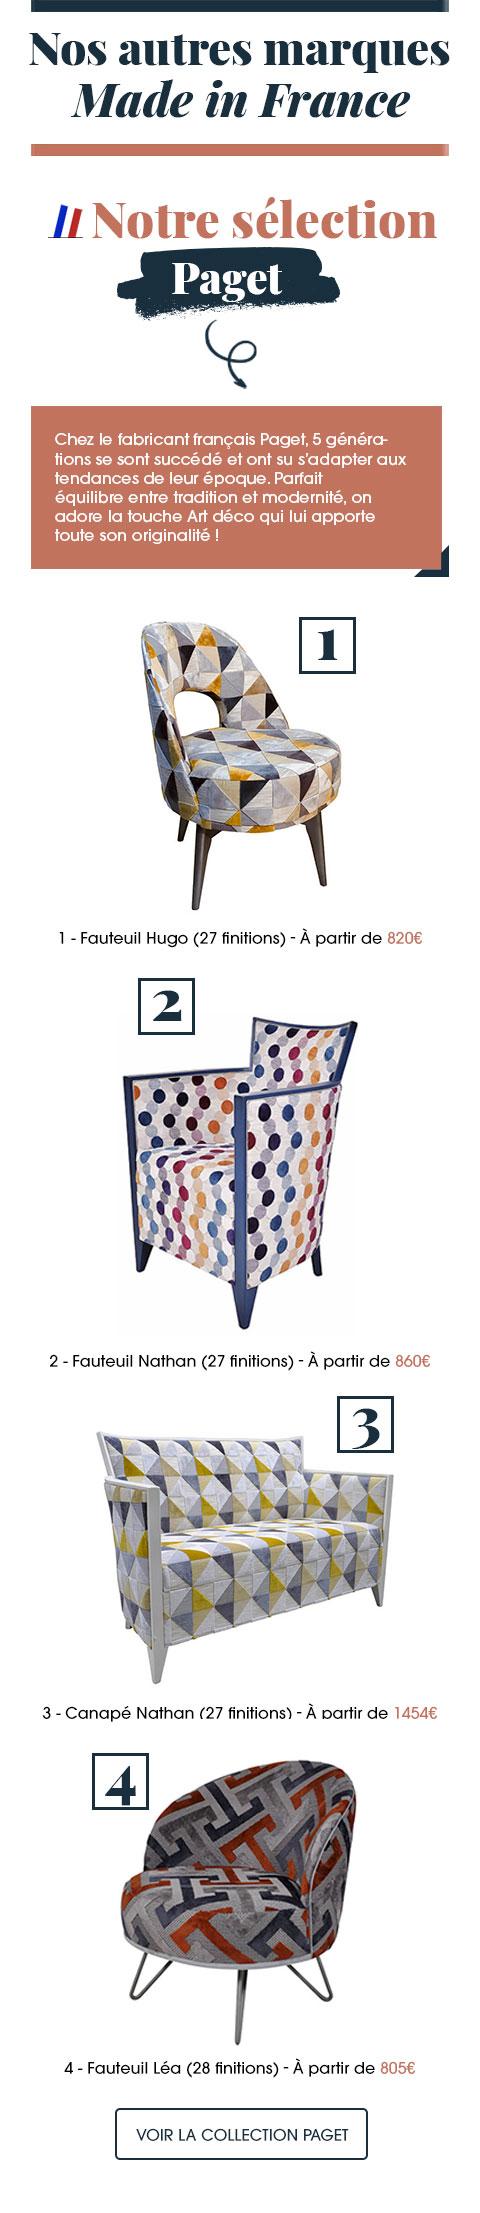 Issue d'une lignée de 5 générations, la marque Paget souhaite moderniser le mobilier de style.